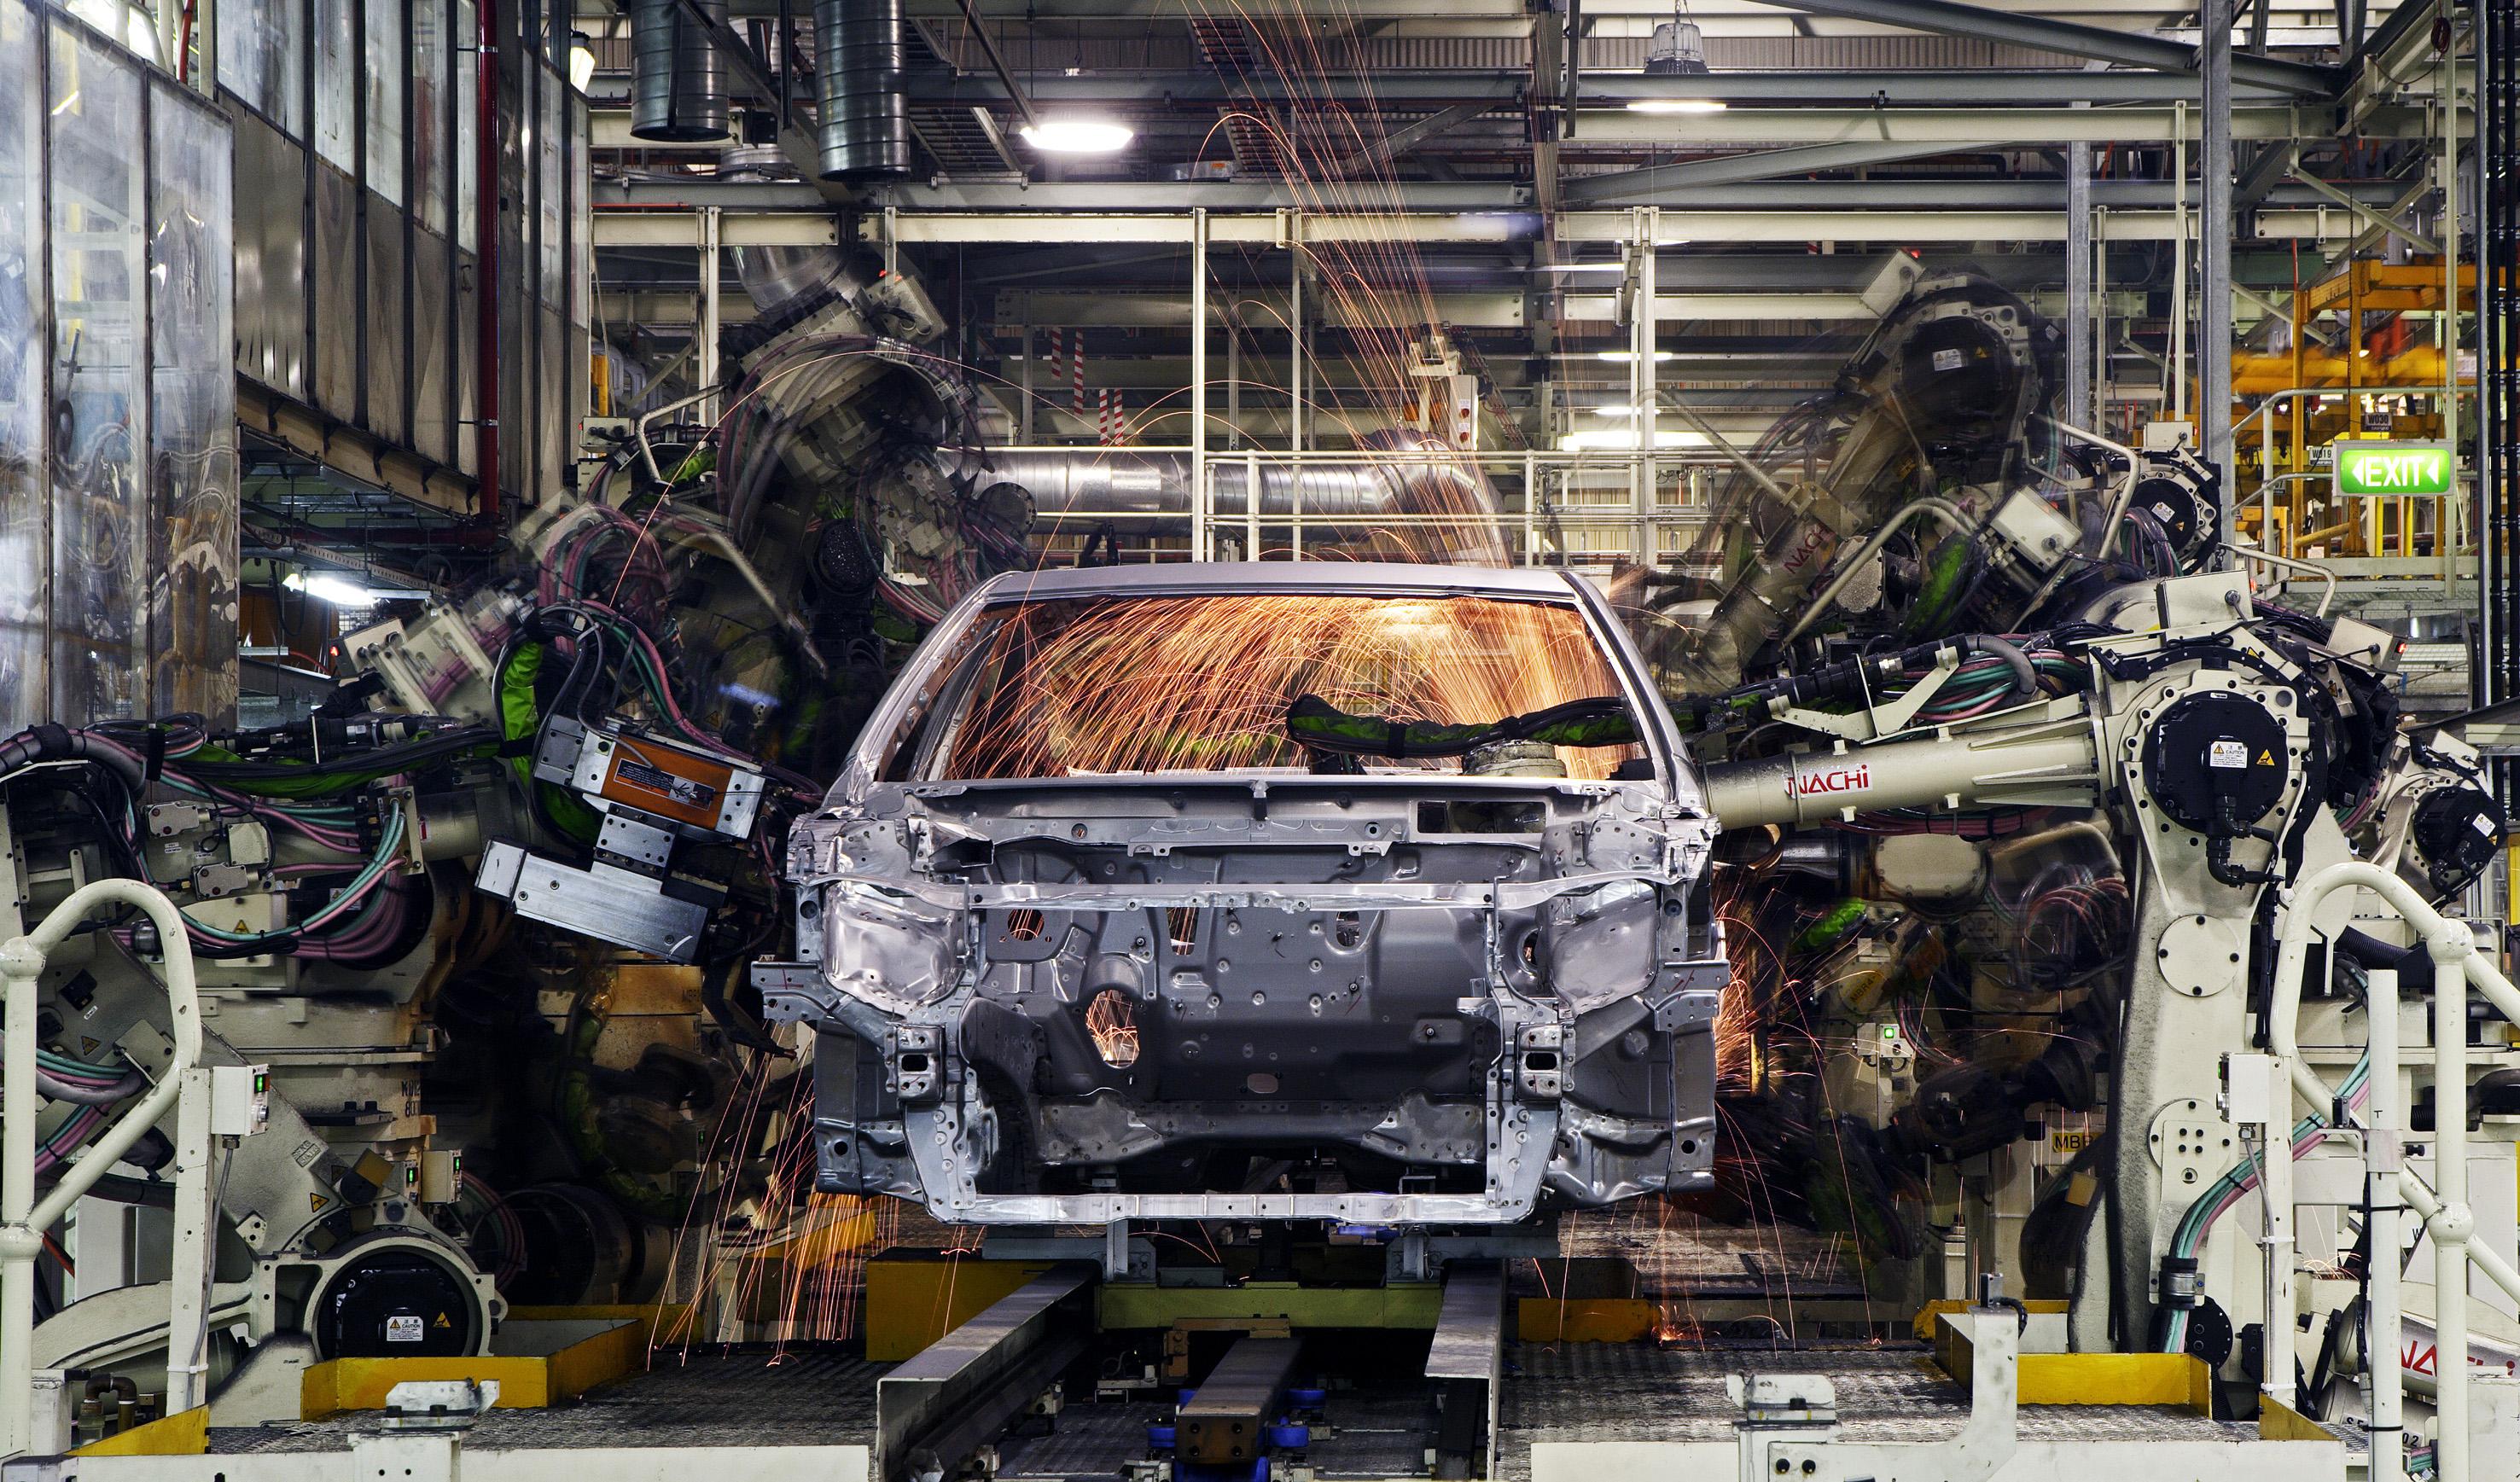 خودروسازان باید تعهدات خود را اجرا کنند